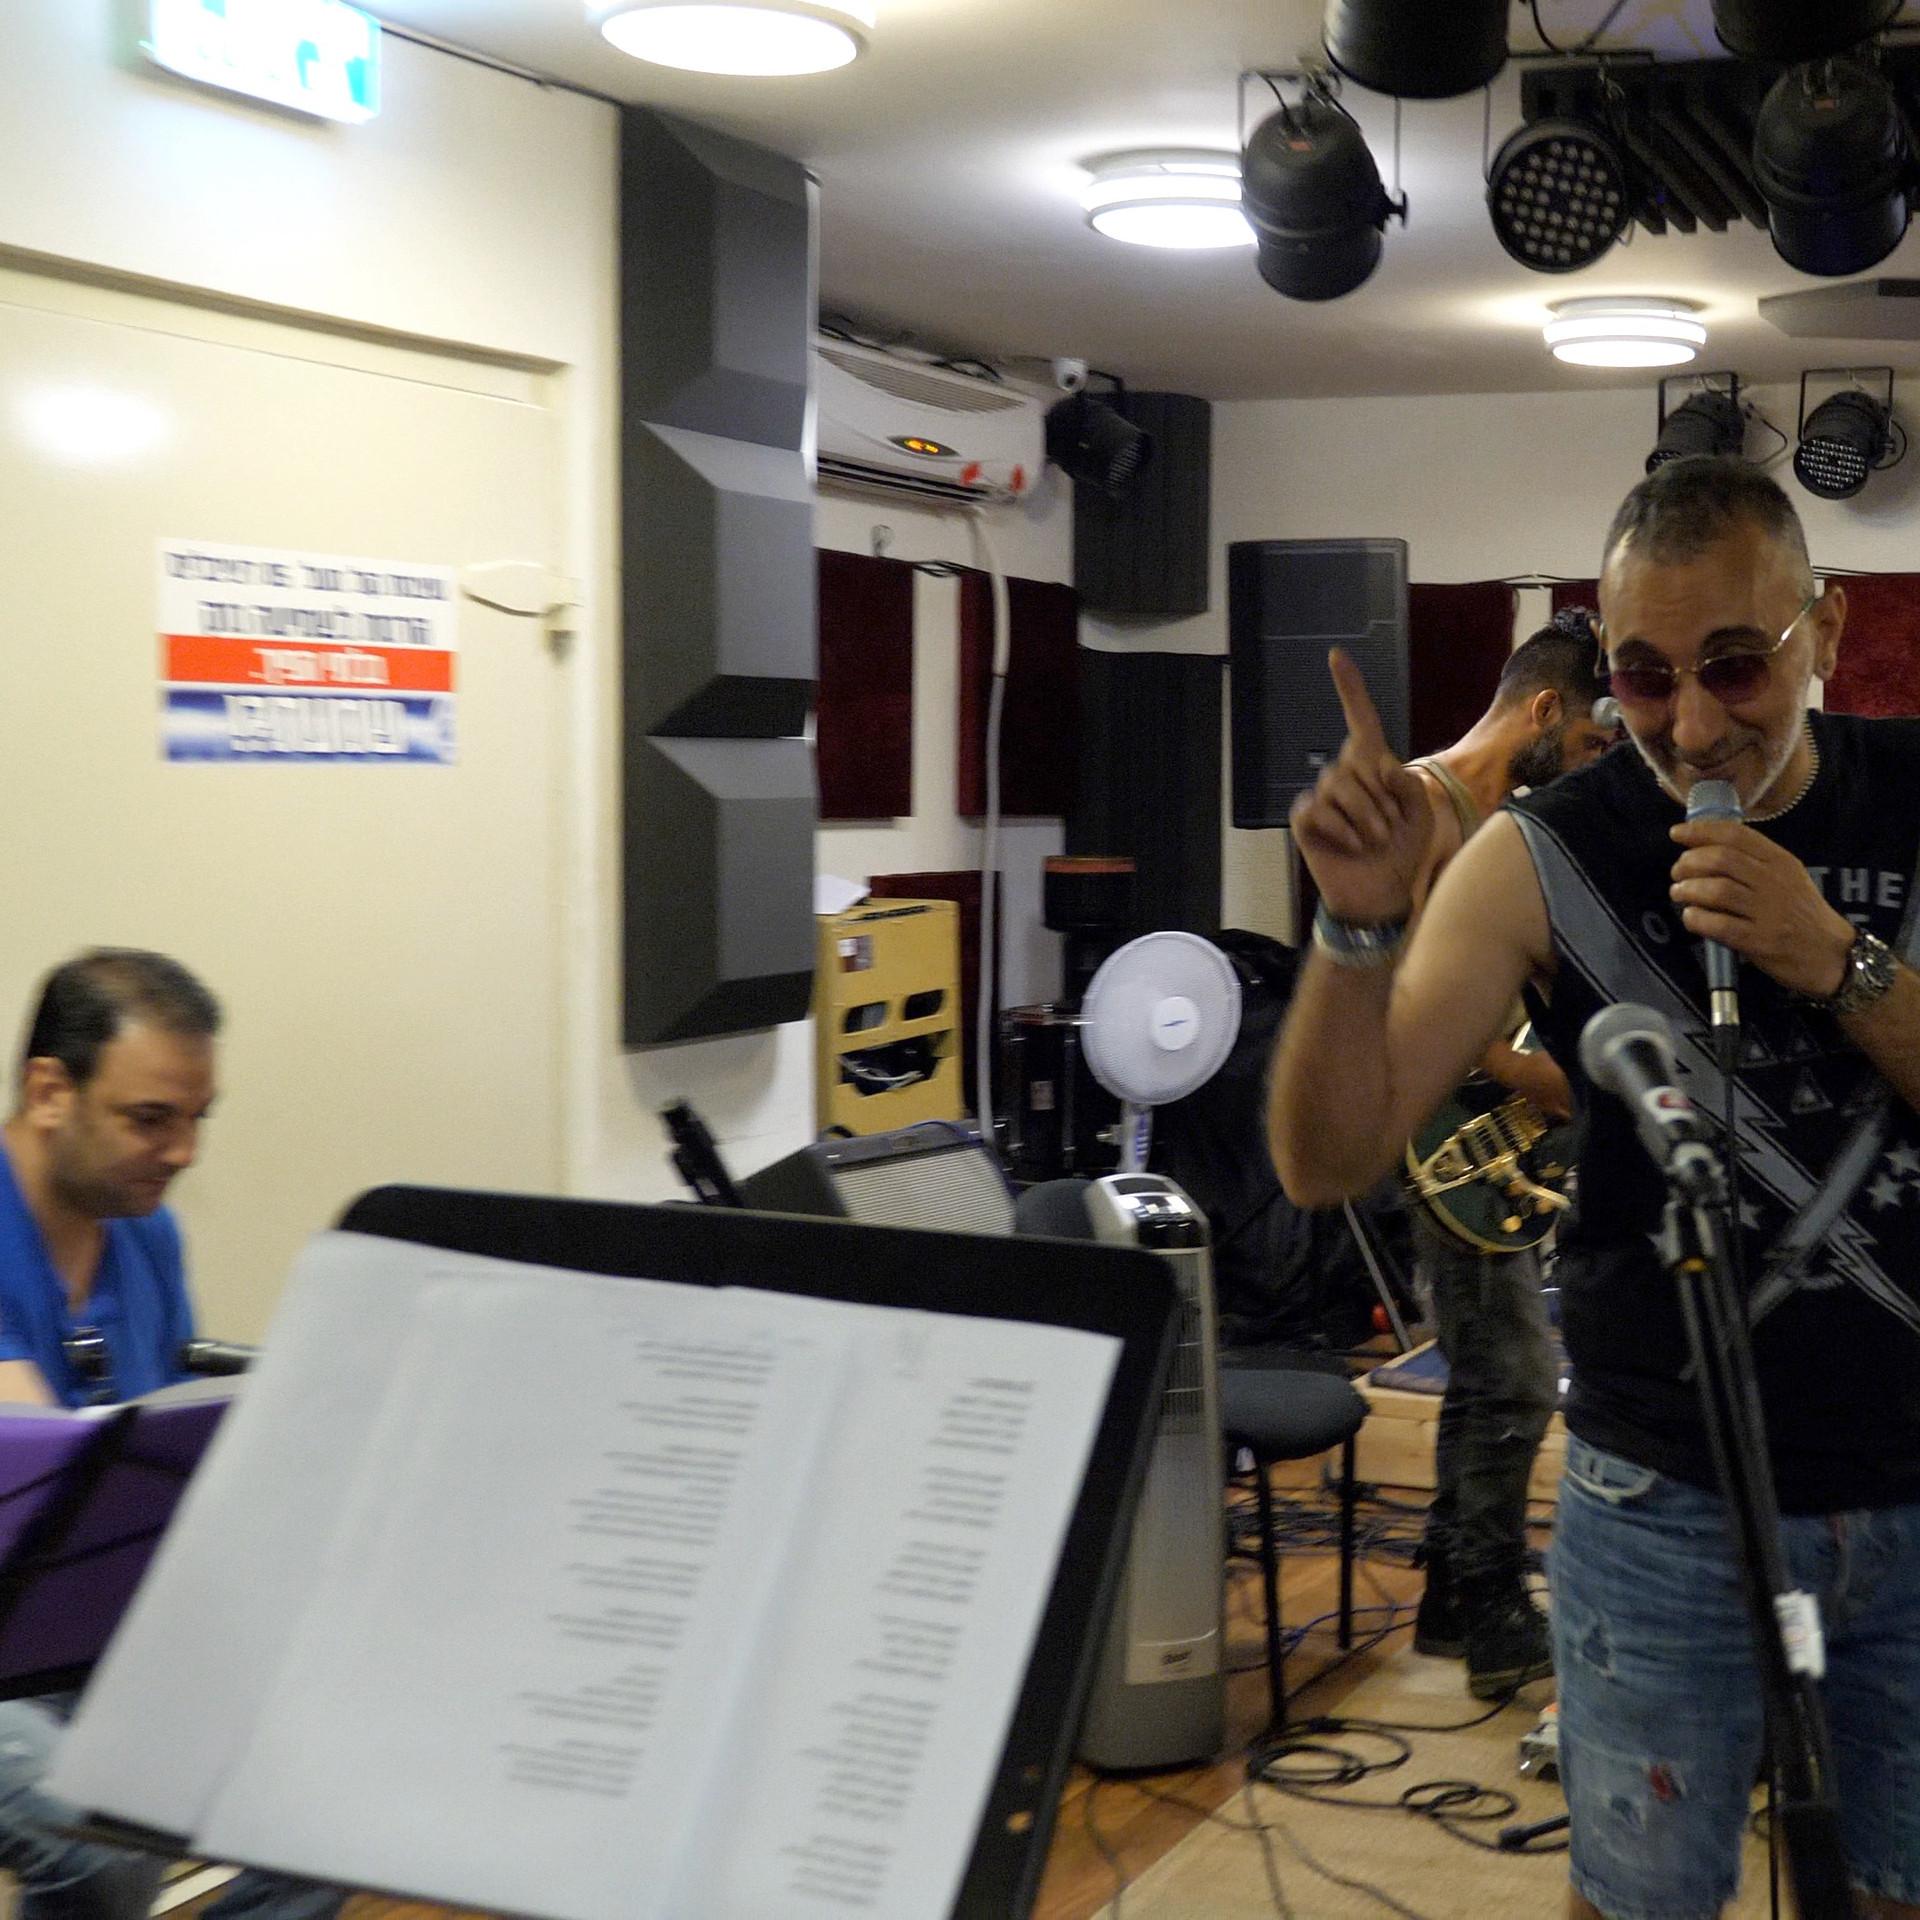 חזרות אשדוד דאנס - שמעון בוסקילה